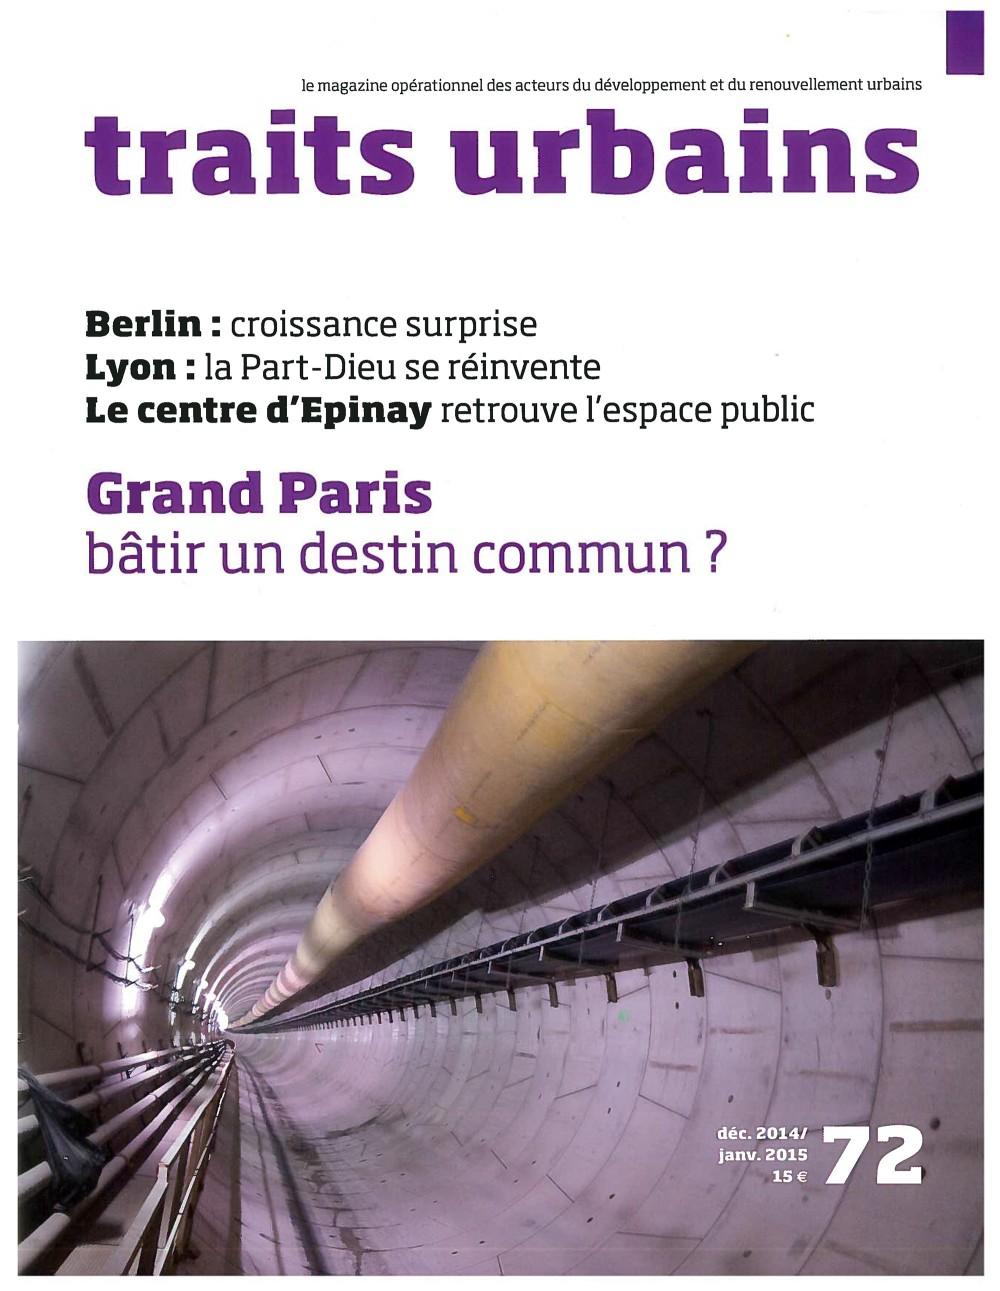 Traits urbains numéro 72 - Le centre d'epinay retrouve l'espace public